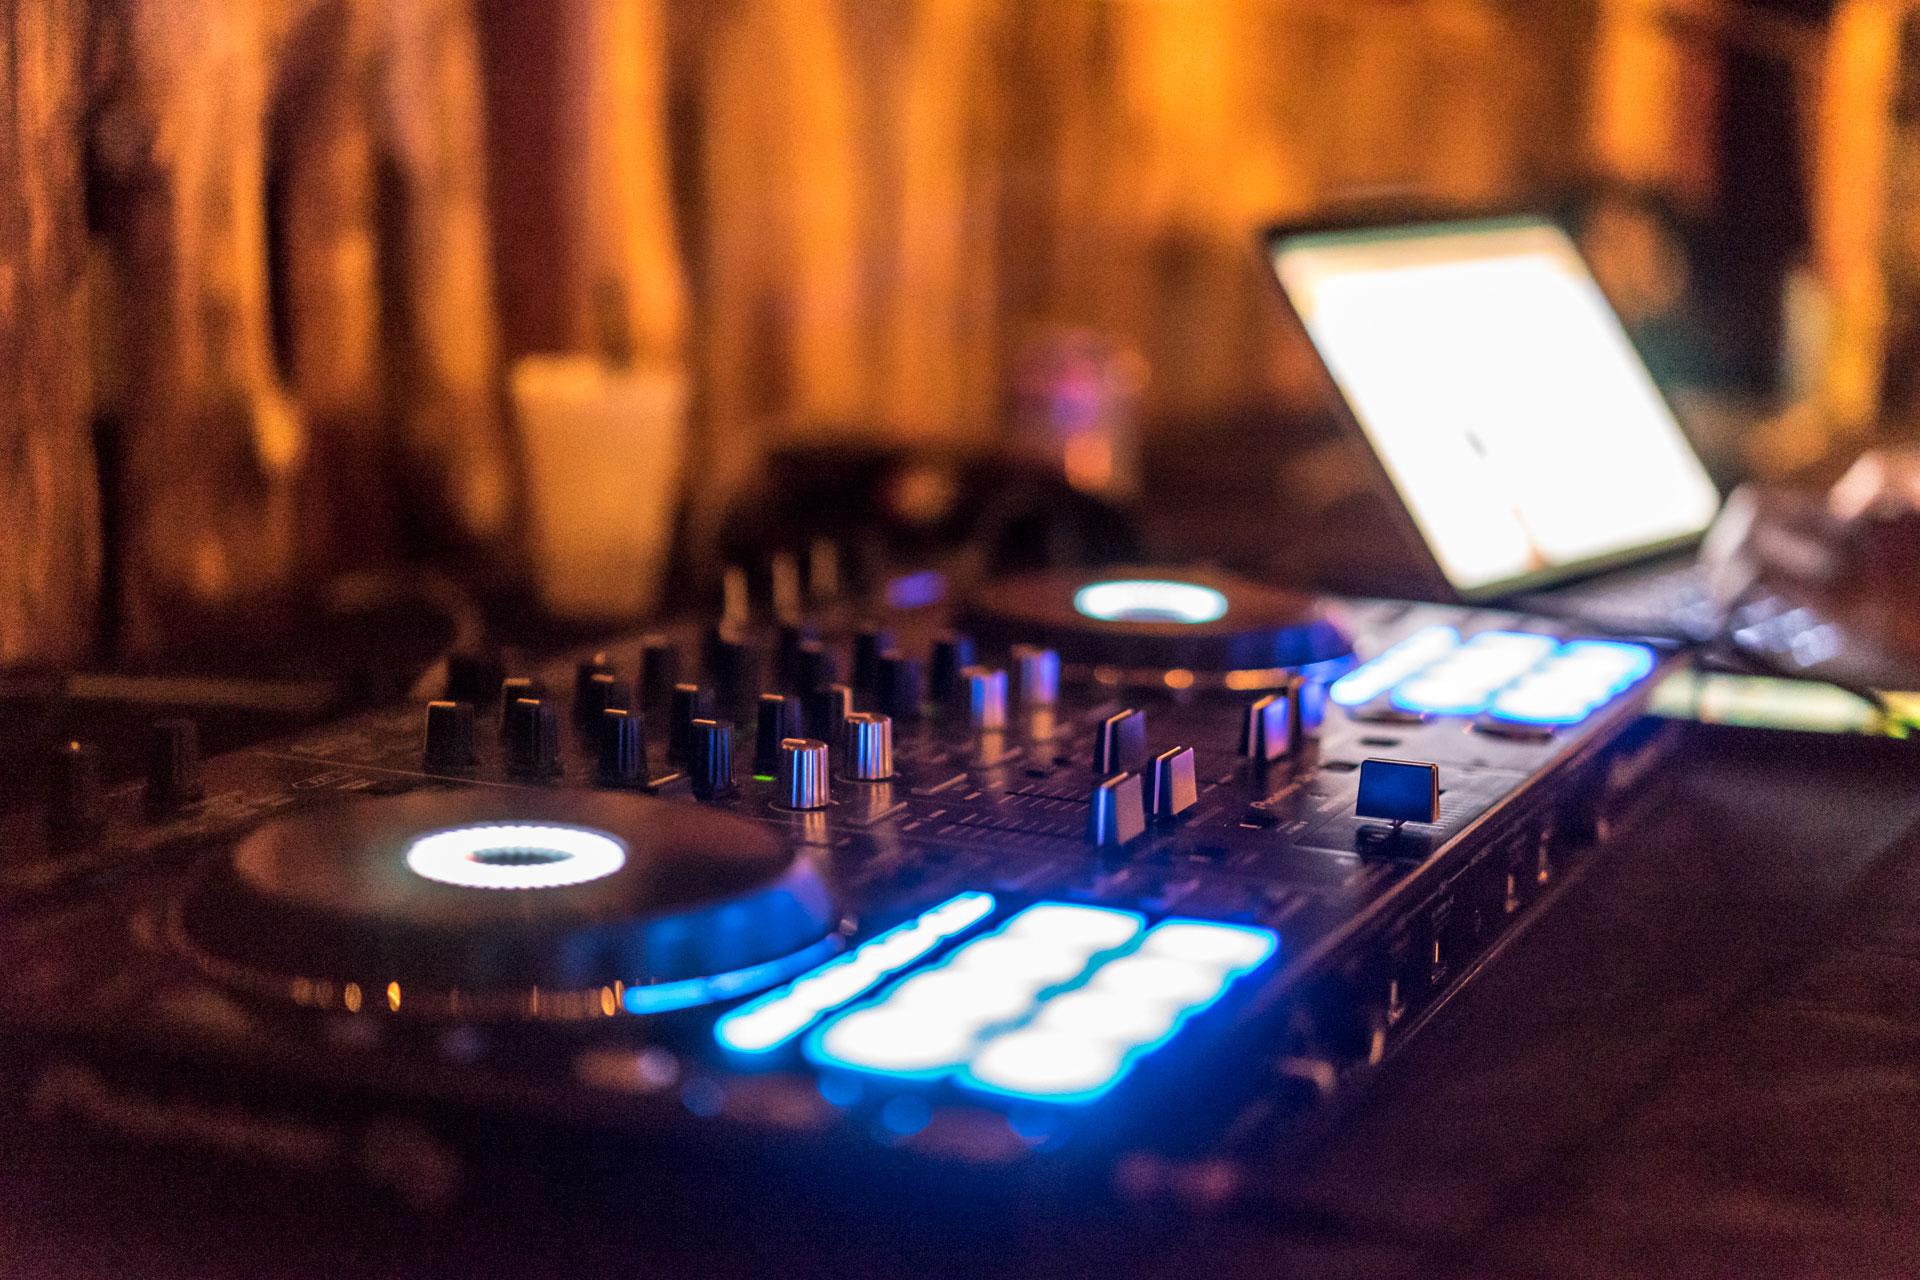 DJ Turntables Nightclub